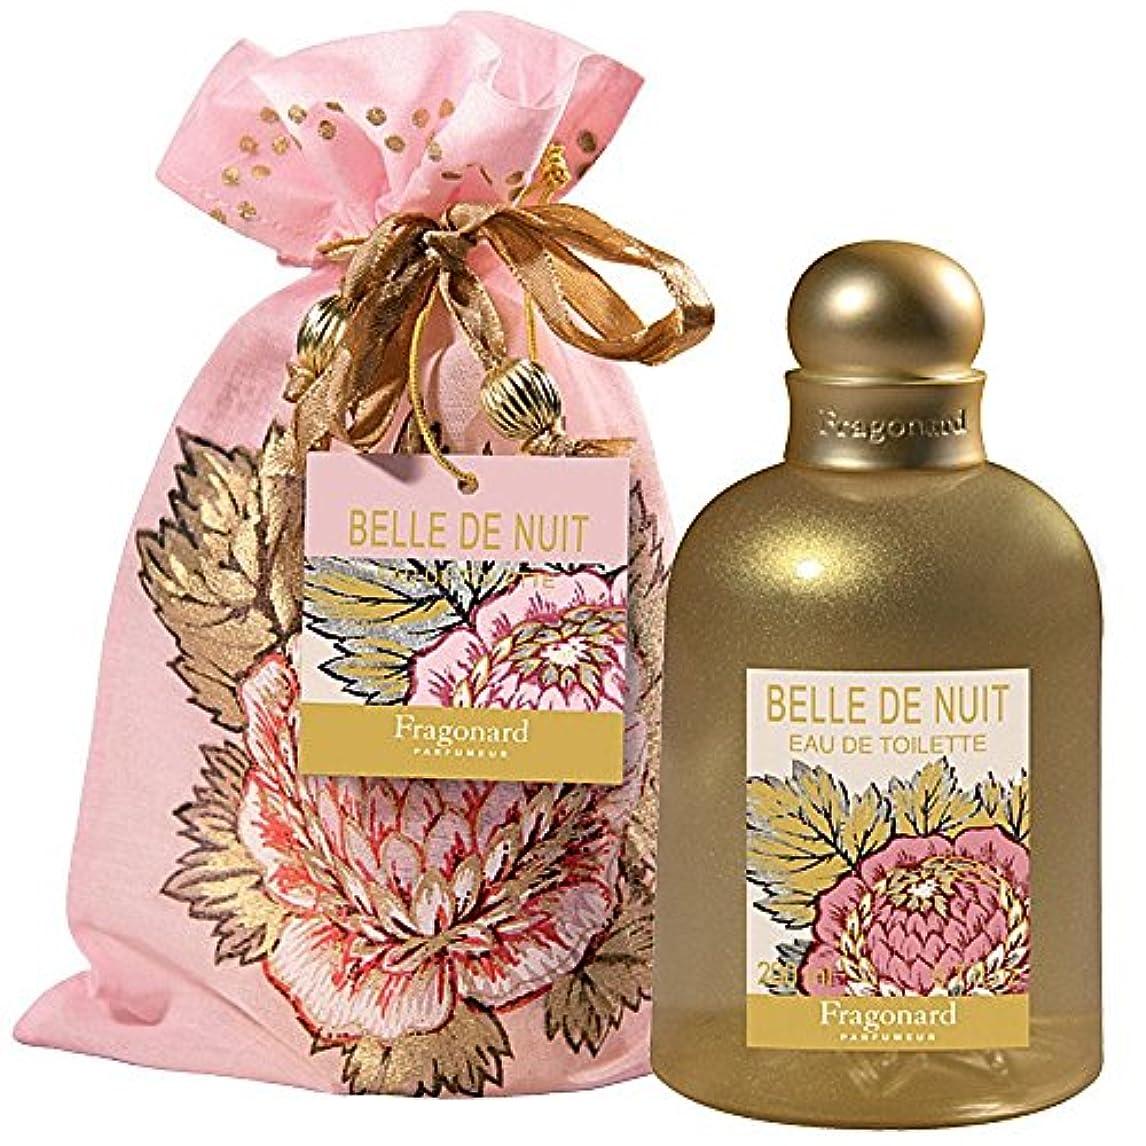 財団耕す土Fragonard Belle de Nuit (フラゴナール ベル デ ニュイ) 6.8 oz (200ml) EDT Spray for Women